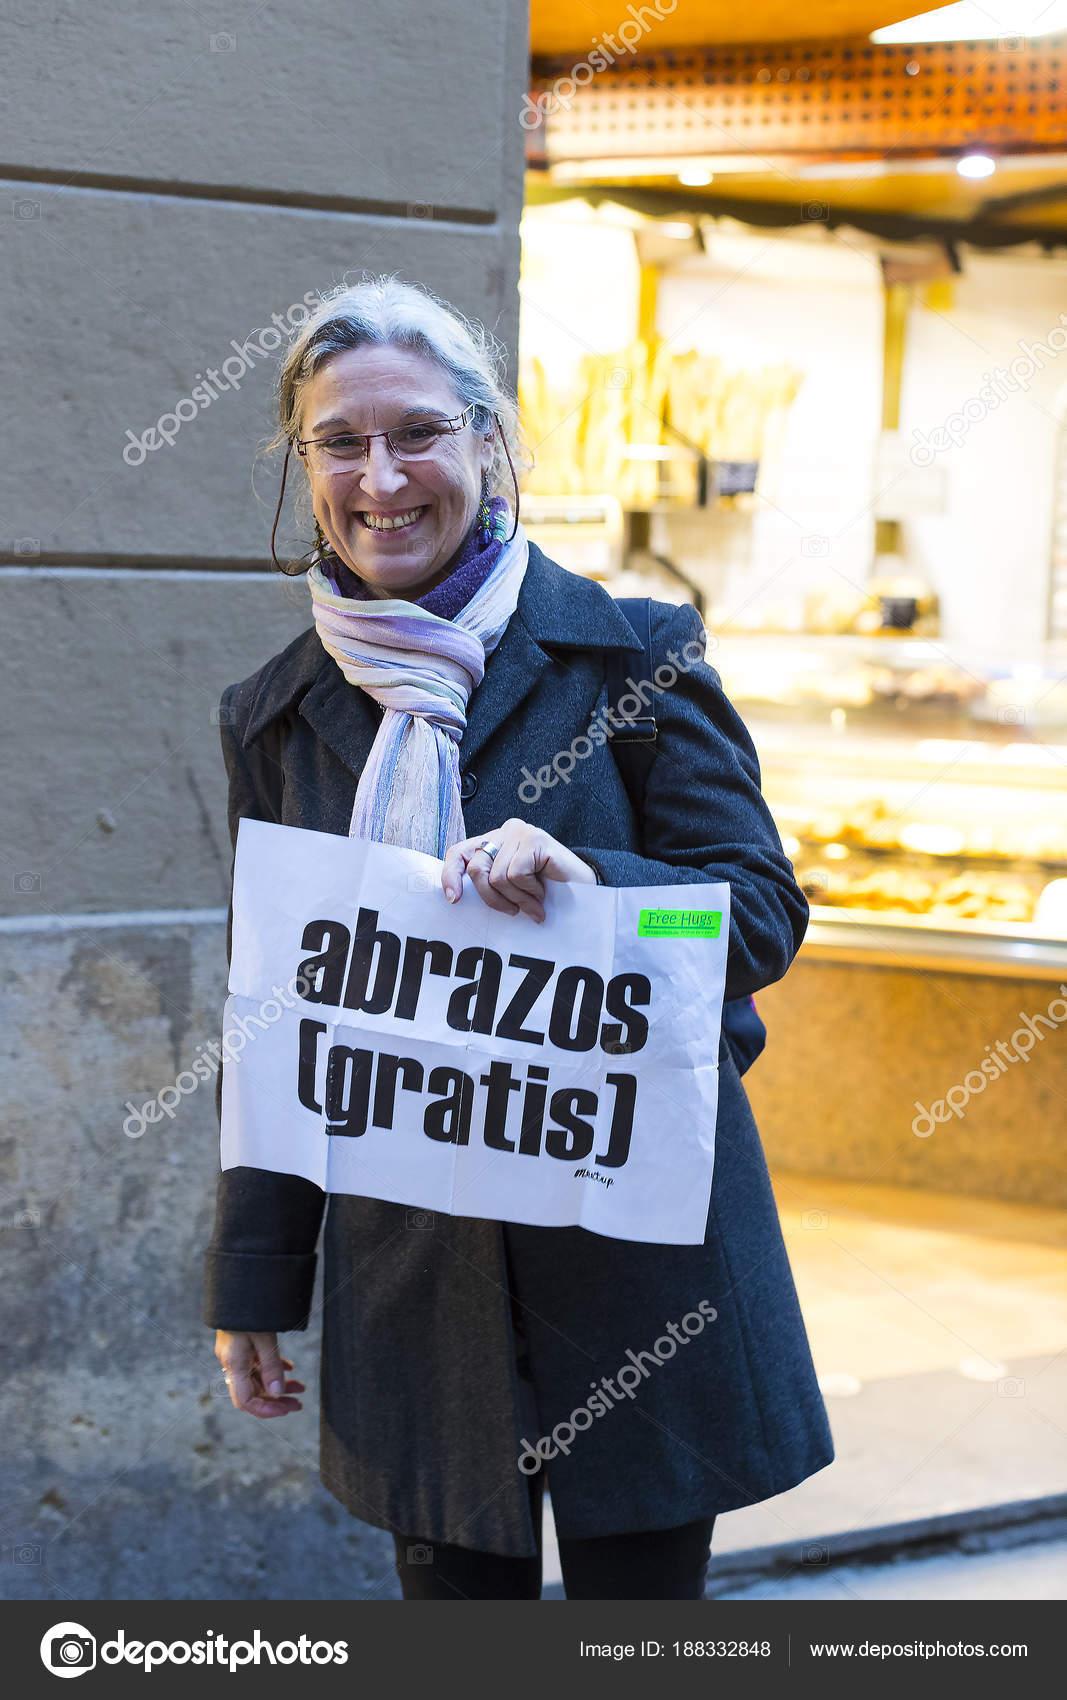 randki online w języku hiszpańskim